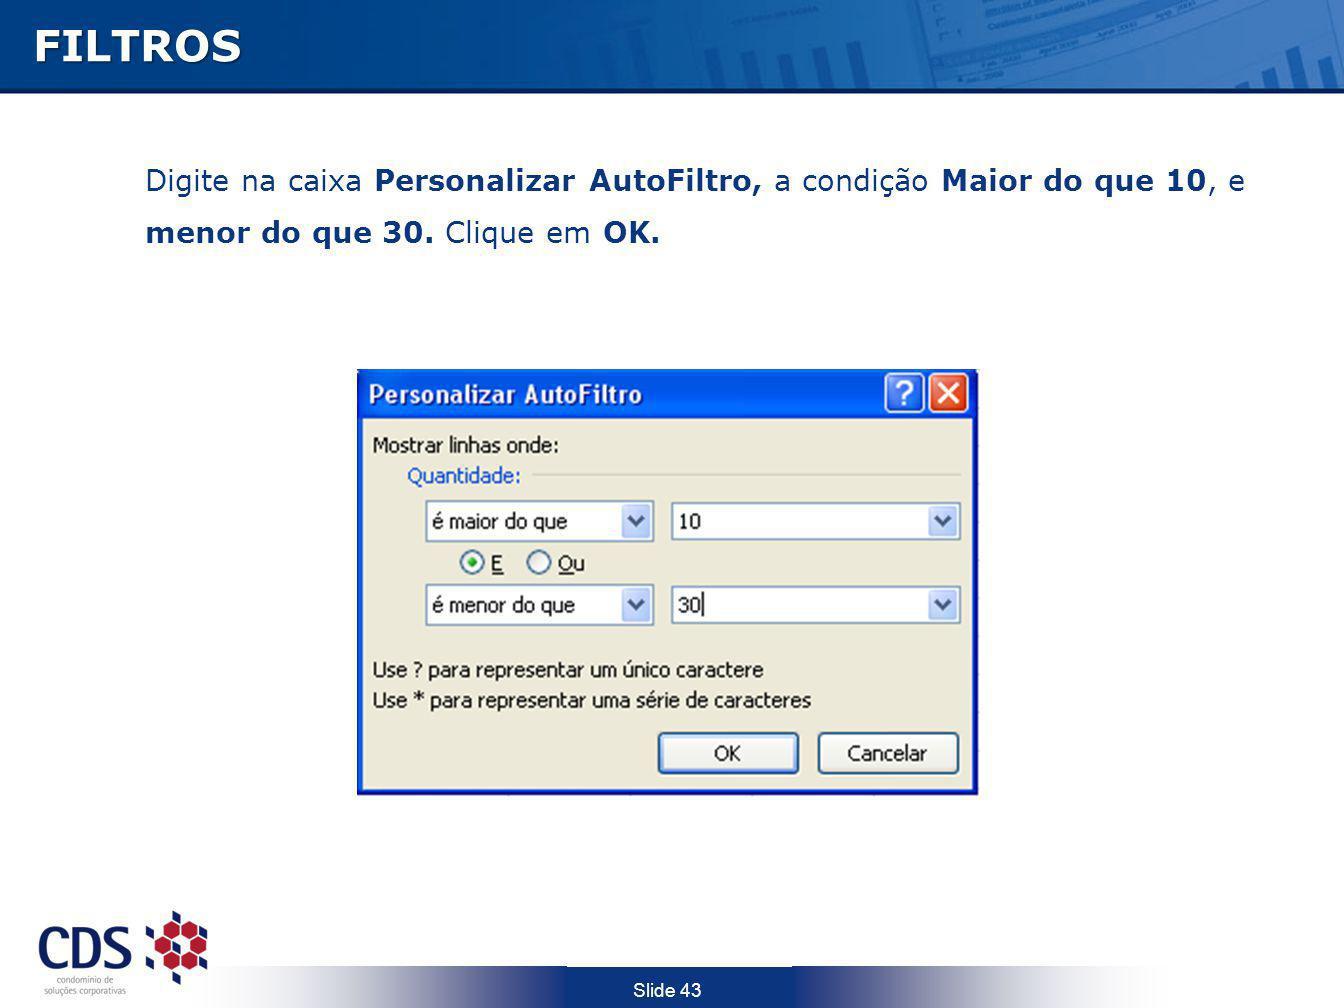 FILTROS Digite na caixa Personalizar AutoFiltro, a condição Maior do que 10, e menor do que 30.